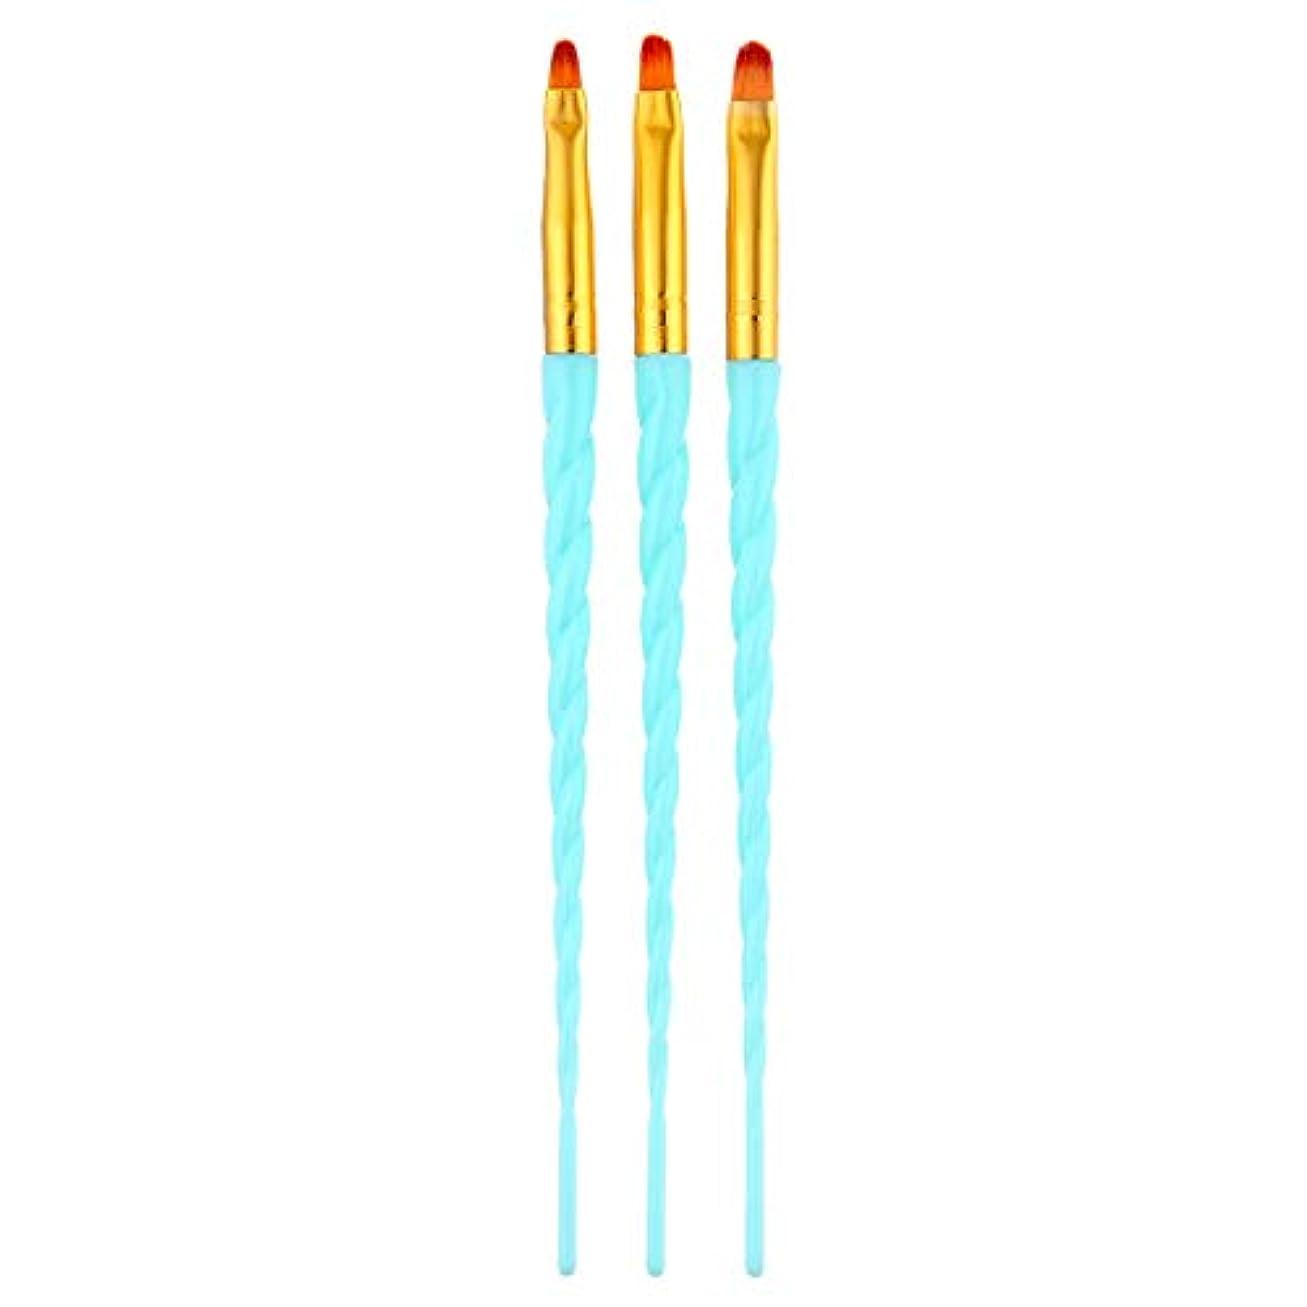 典型的なスリット竜巻CUHAWUDBA 3ピース/セット、ネイルアート、スレッド、アクリルuvジェルの延長ビルダー、絵画ブラシのパターンのデザイン、描画用ペン、マニキュアツール、ブルー